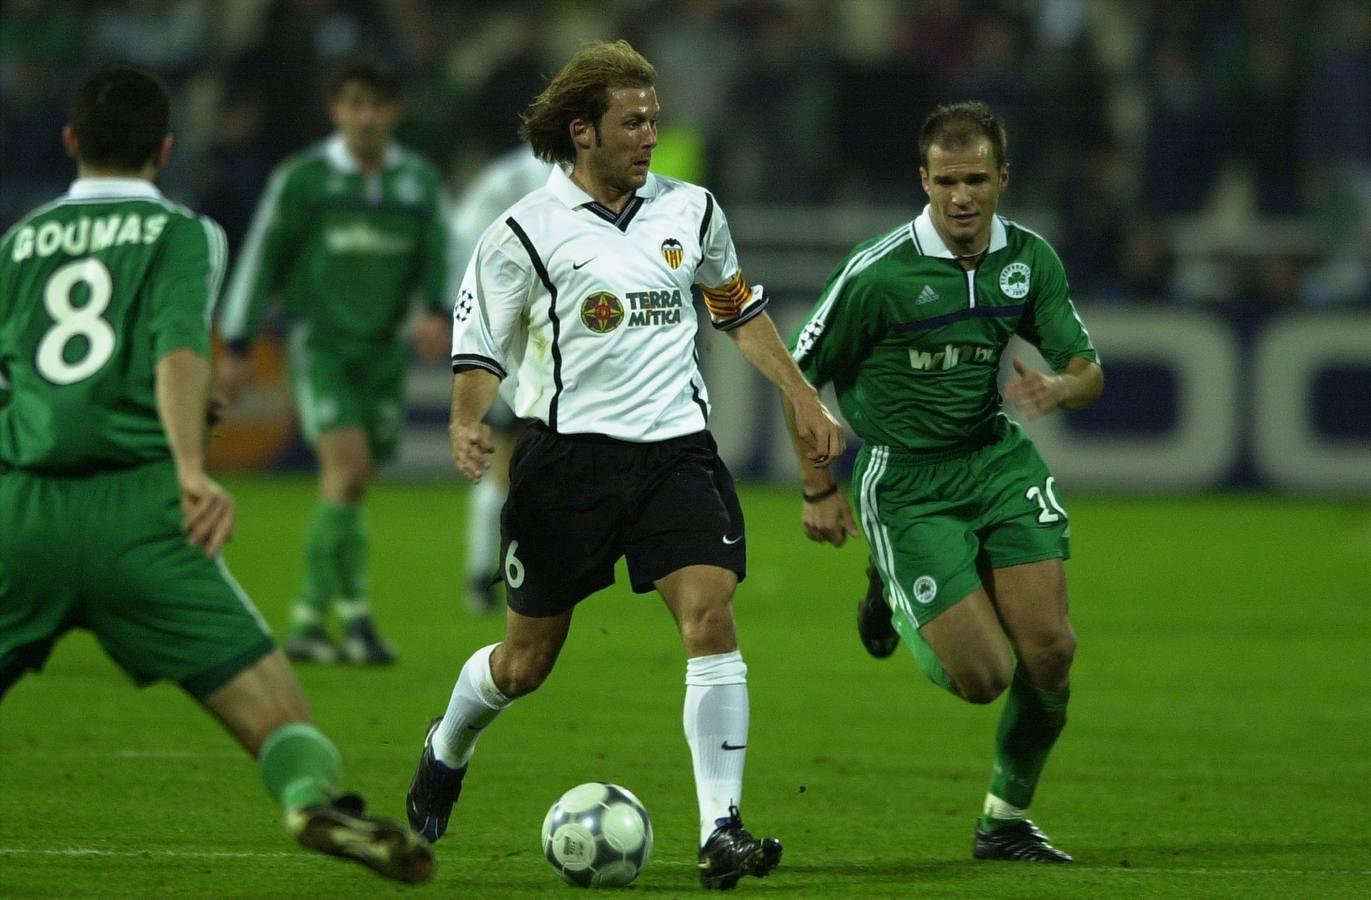 06.12.2000: Panathinaikos 0 - 0 Valencia CF